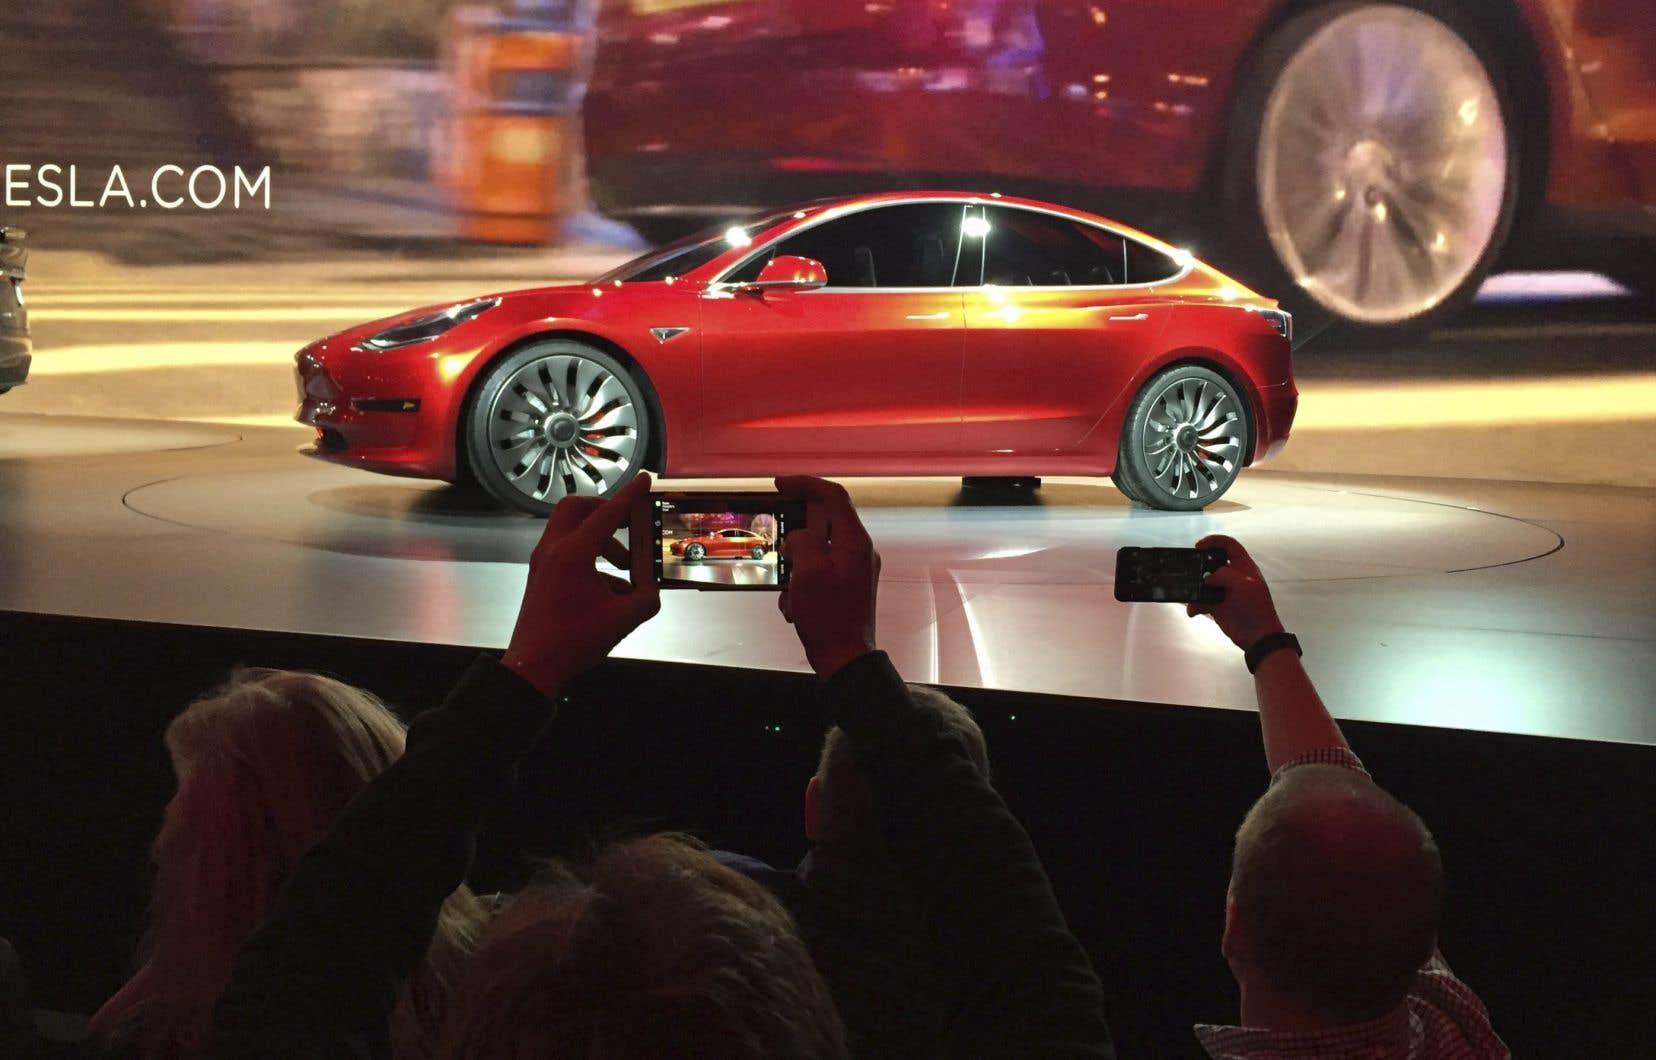 Tesla a récemment baissé le prix de sa Model 3, sa voiture électrique la plus populaire, et aabandonné les versions standard de ses voitures premium Model X et S pour simplifier son offre, précise l'agence Reuters.